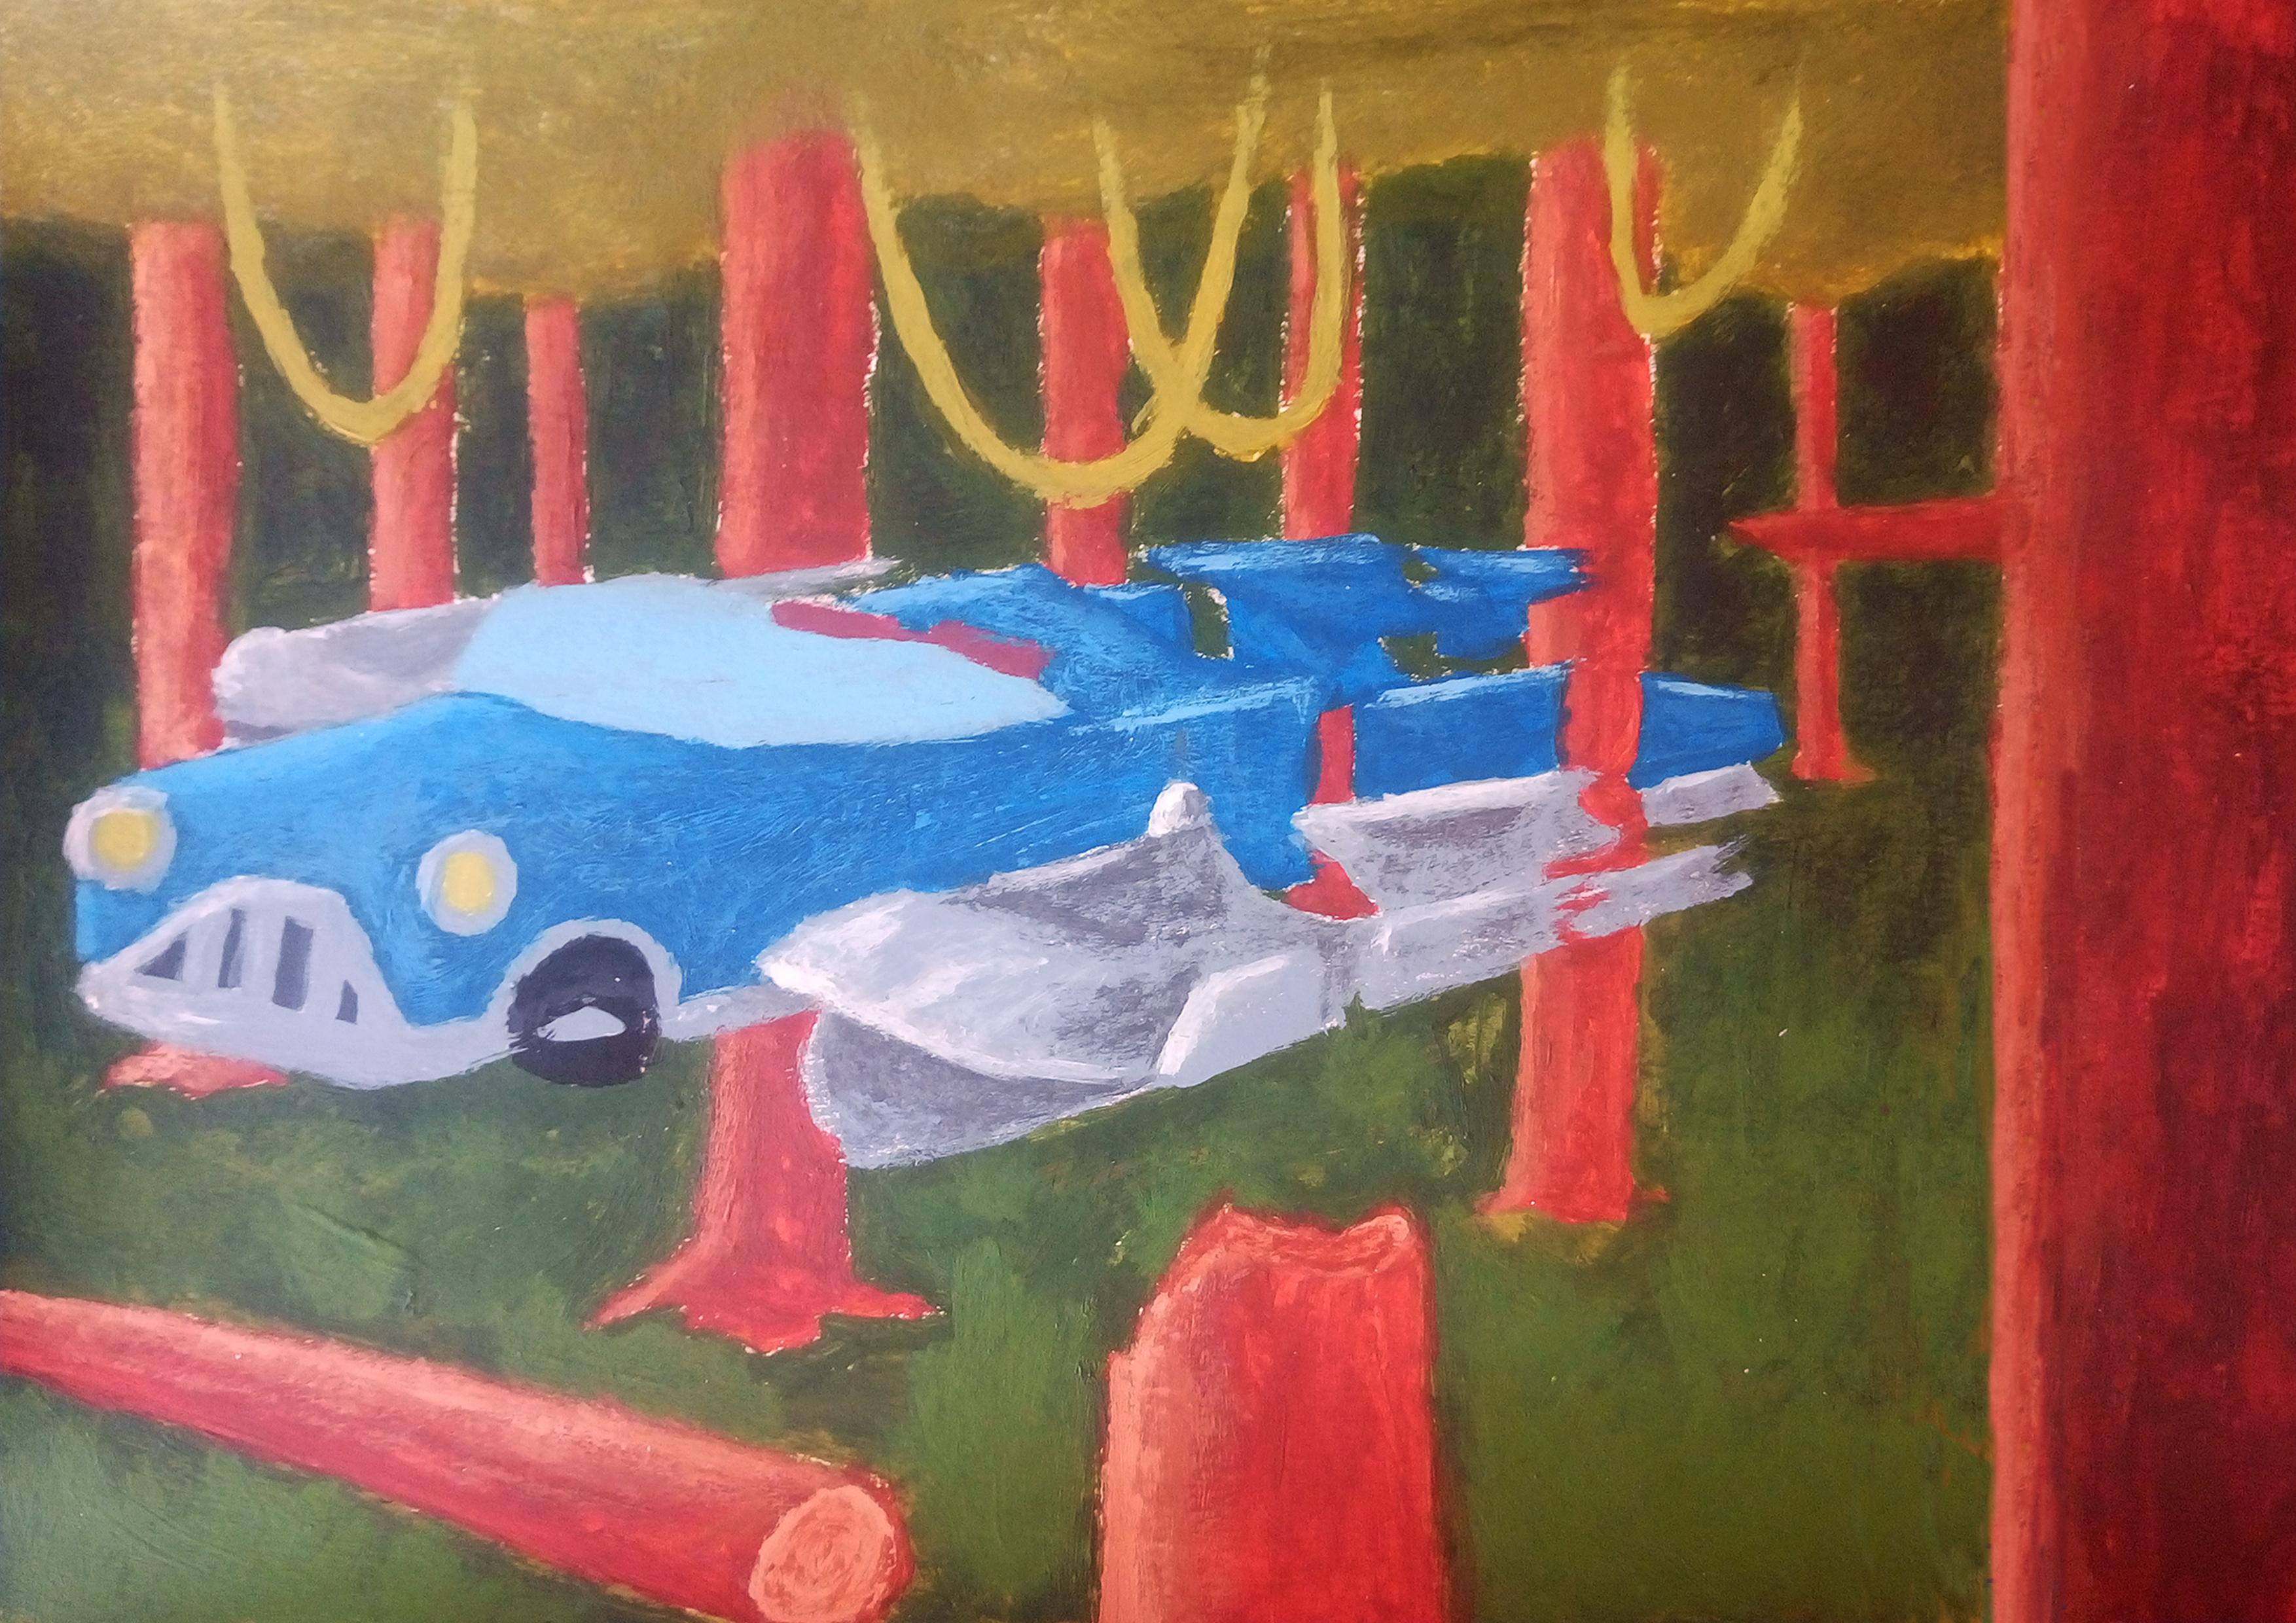 Futurism Car in Forest